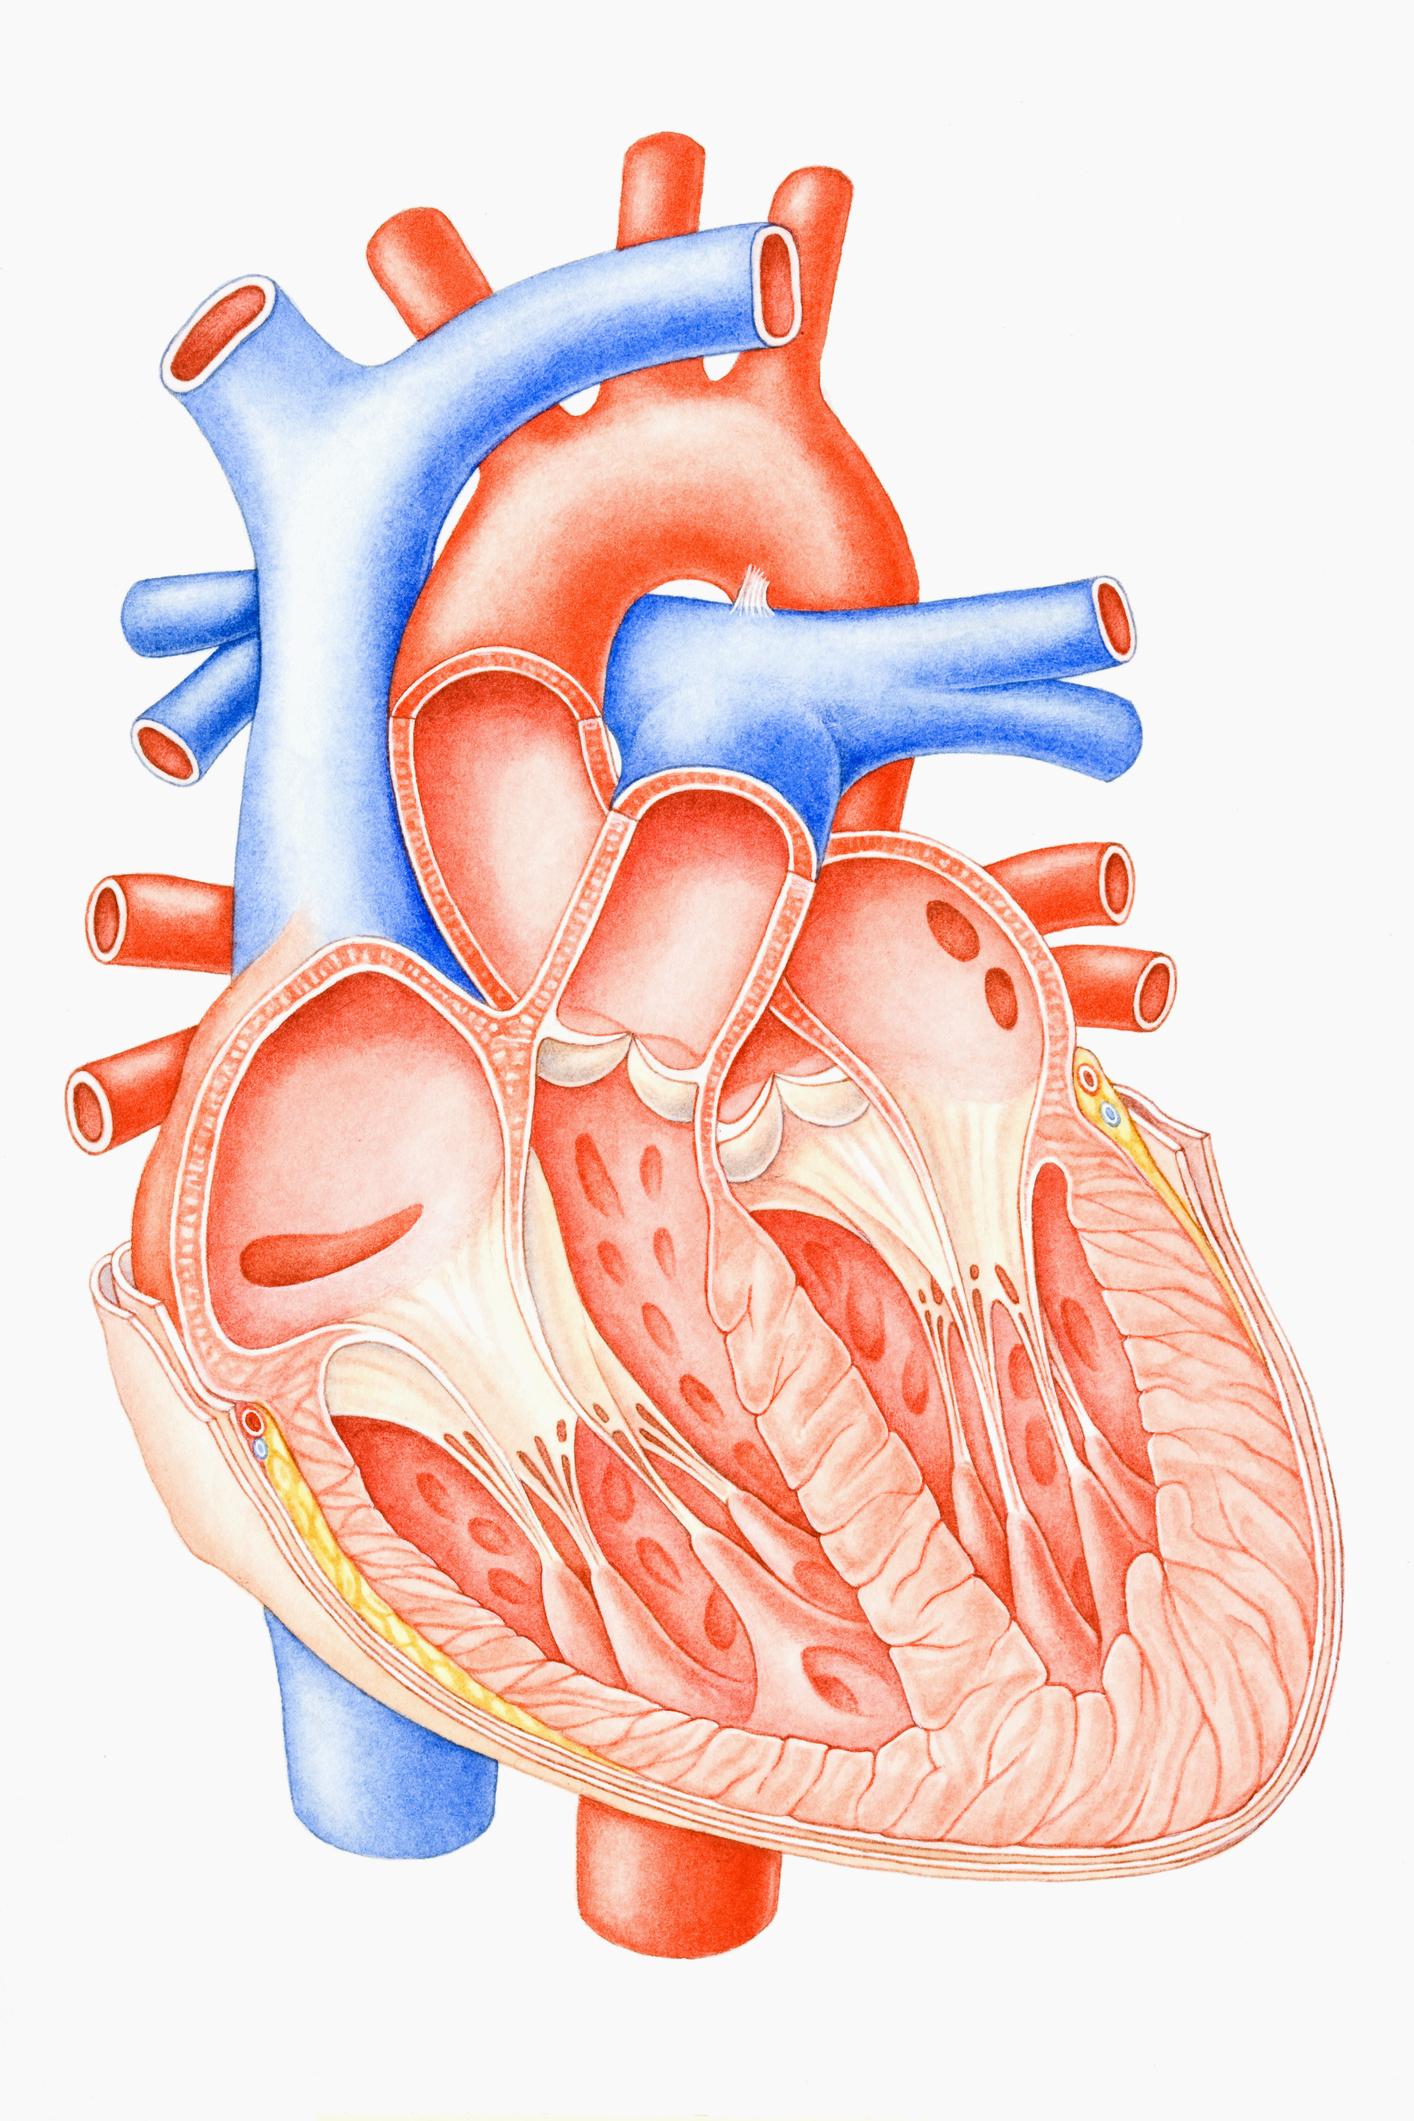 Zeichnung eines menschlichen Herzens